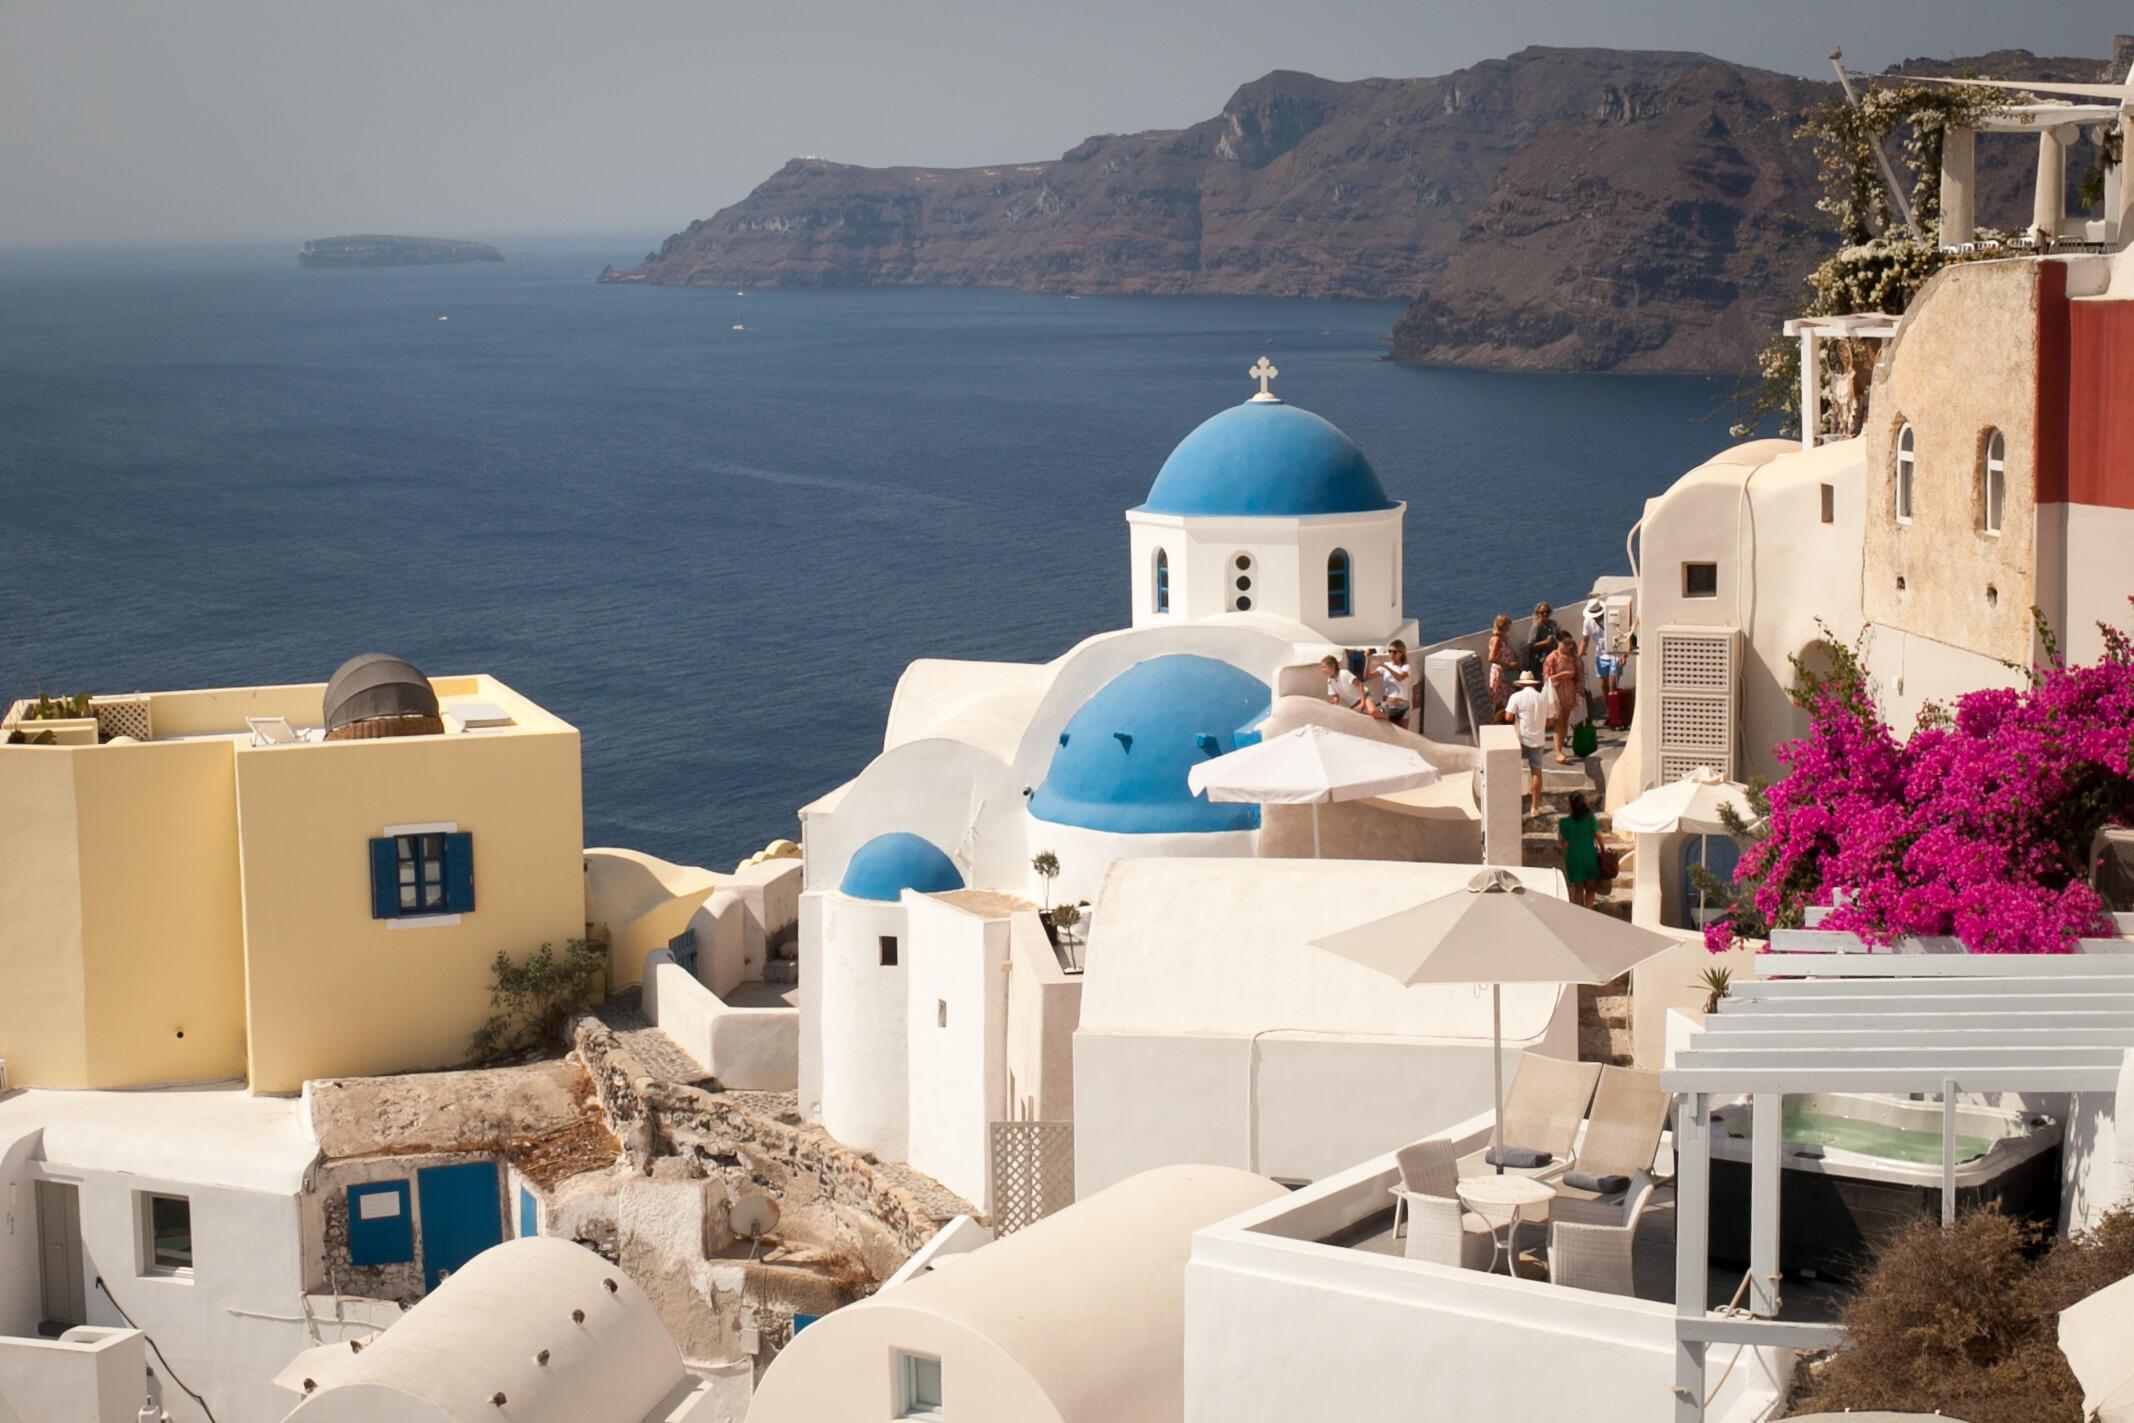 « Đảo ngọc » Santorini, Hy Lạp, tháng 08/2021.